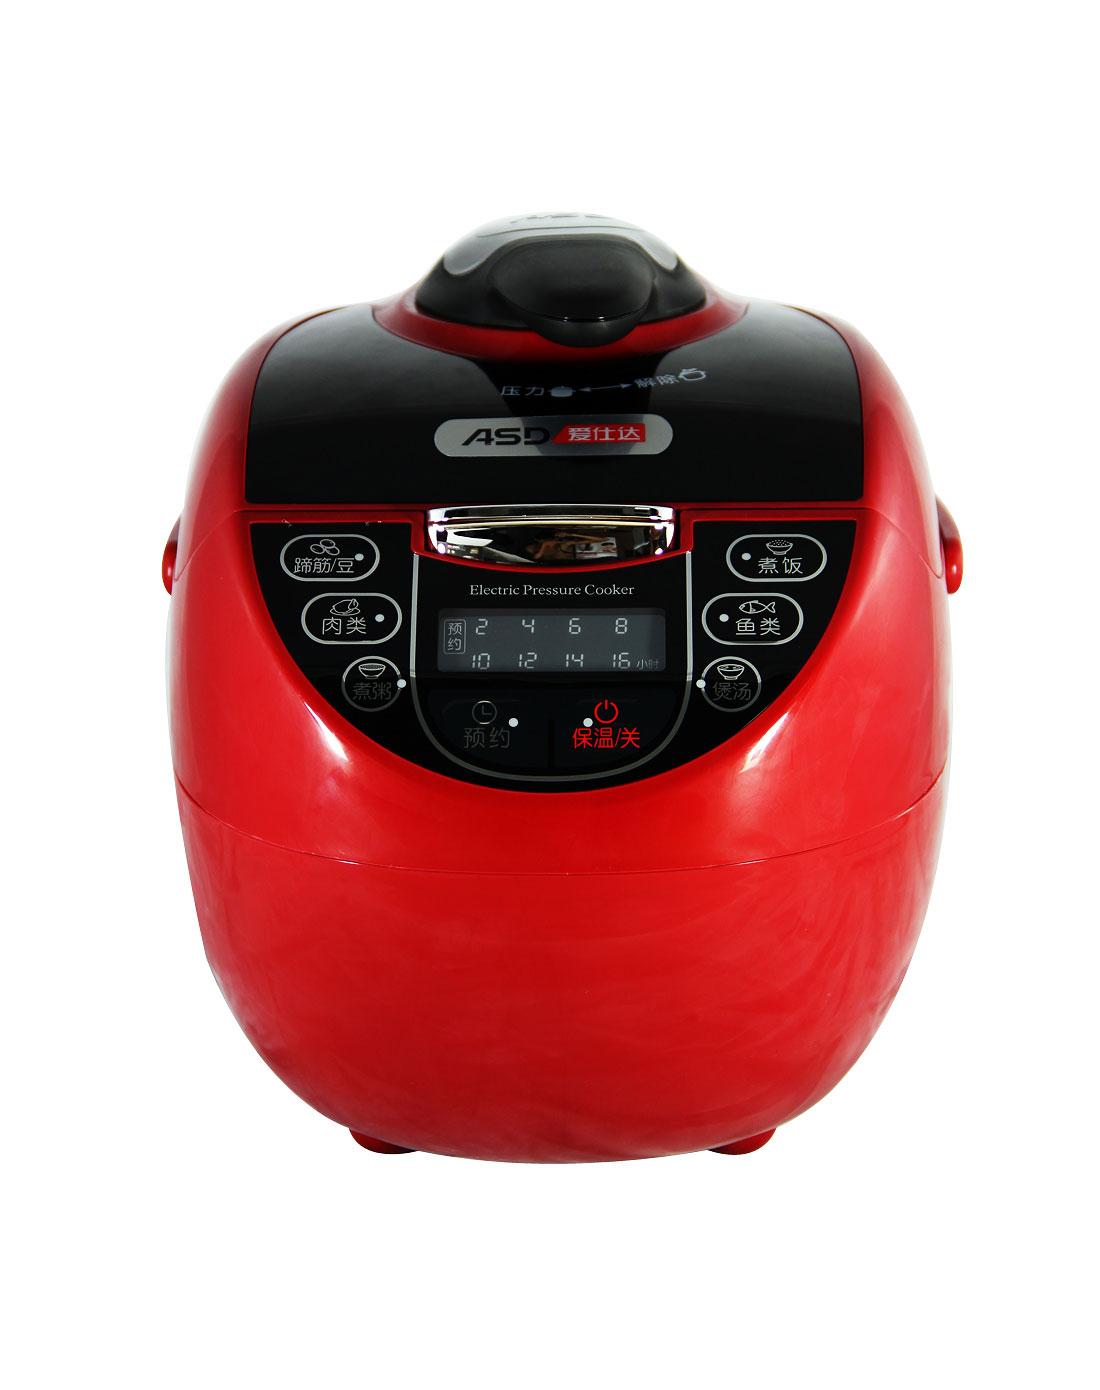 爱仕达asd电器专场红色电压力锅4lap-f4003ed